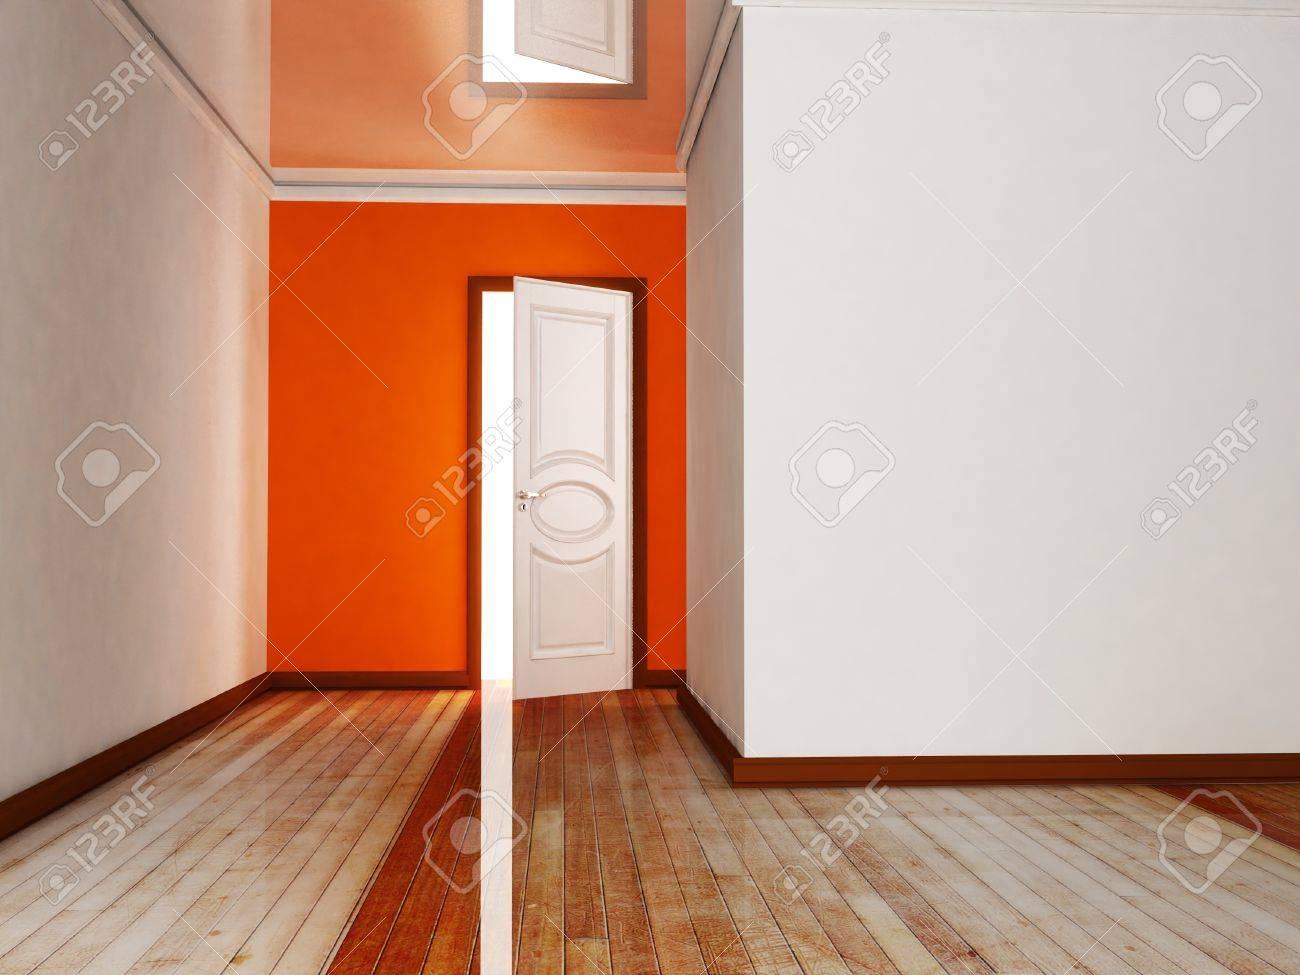 Interior design scene with an open door Stock Photo - 14181670